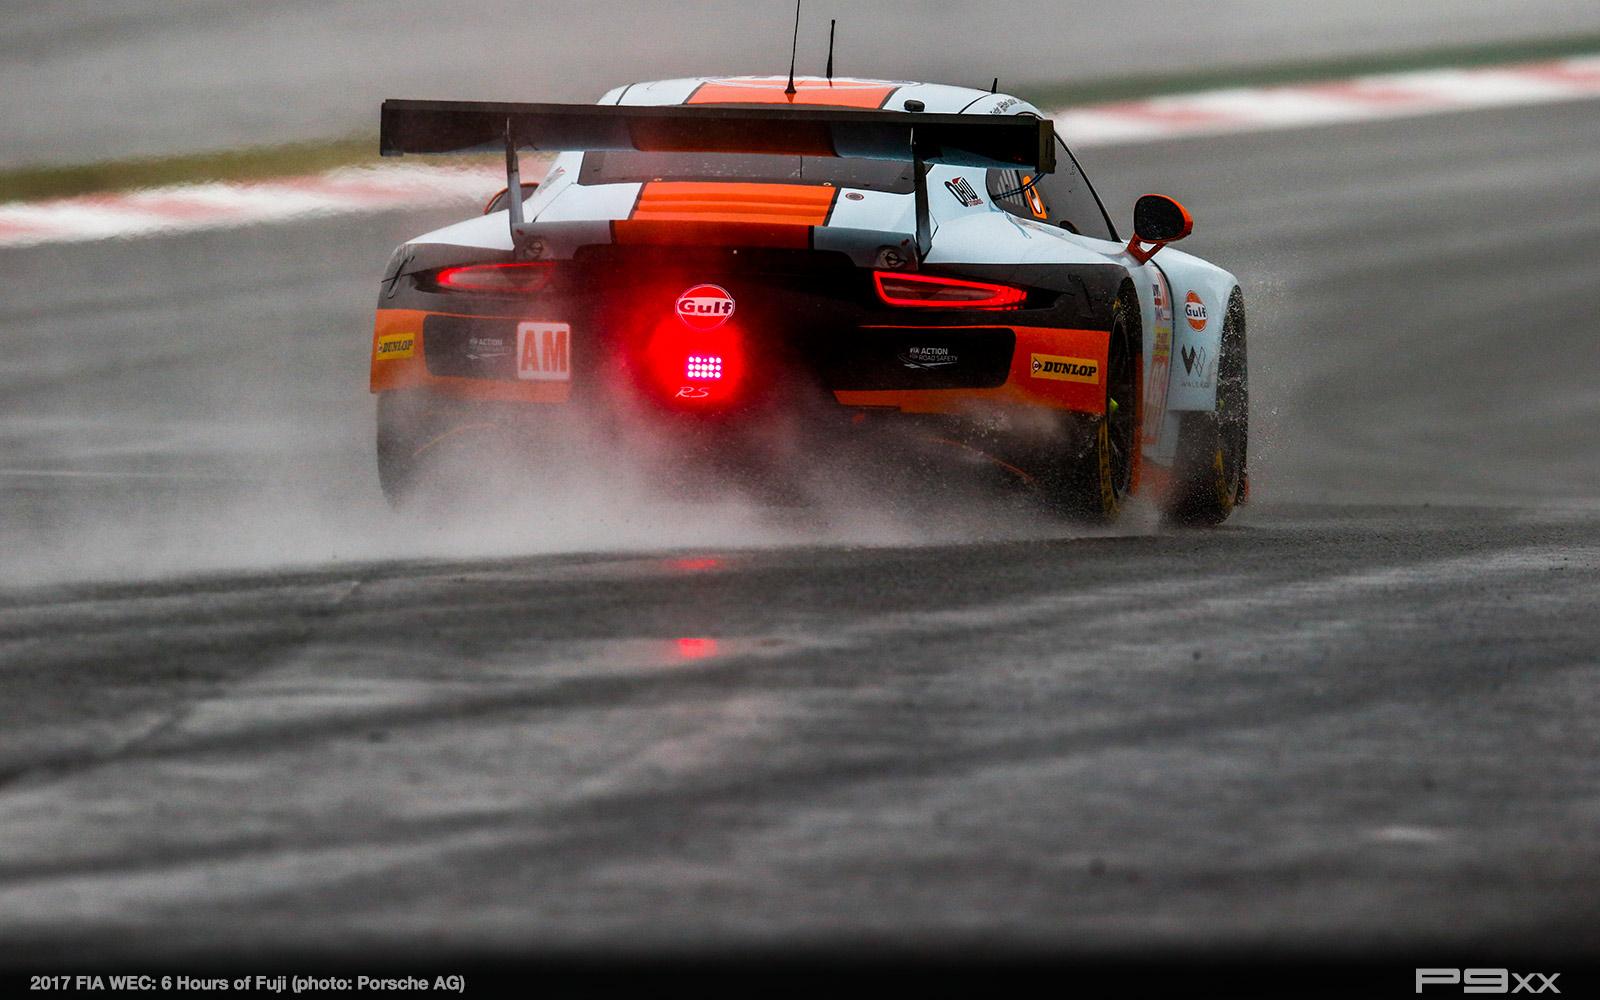 2017-FIA-WEC-6h-of-Fuji-Porsche-360